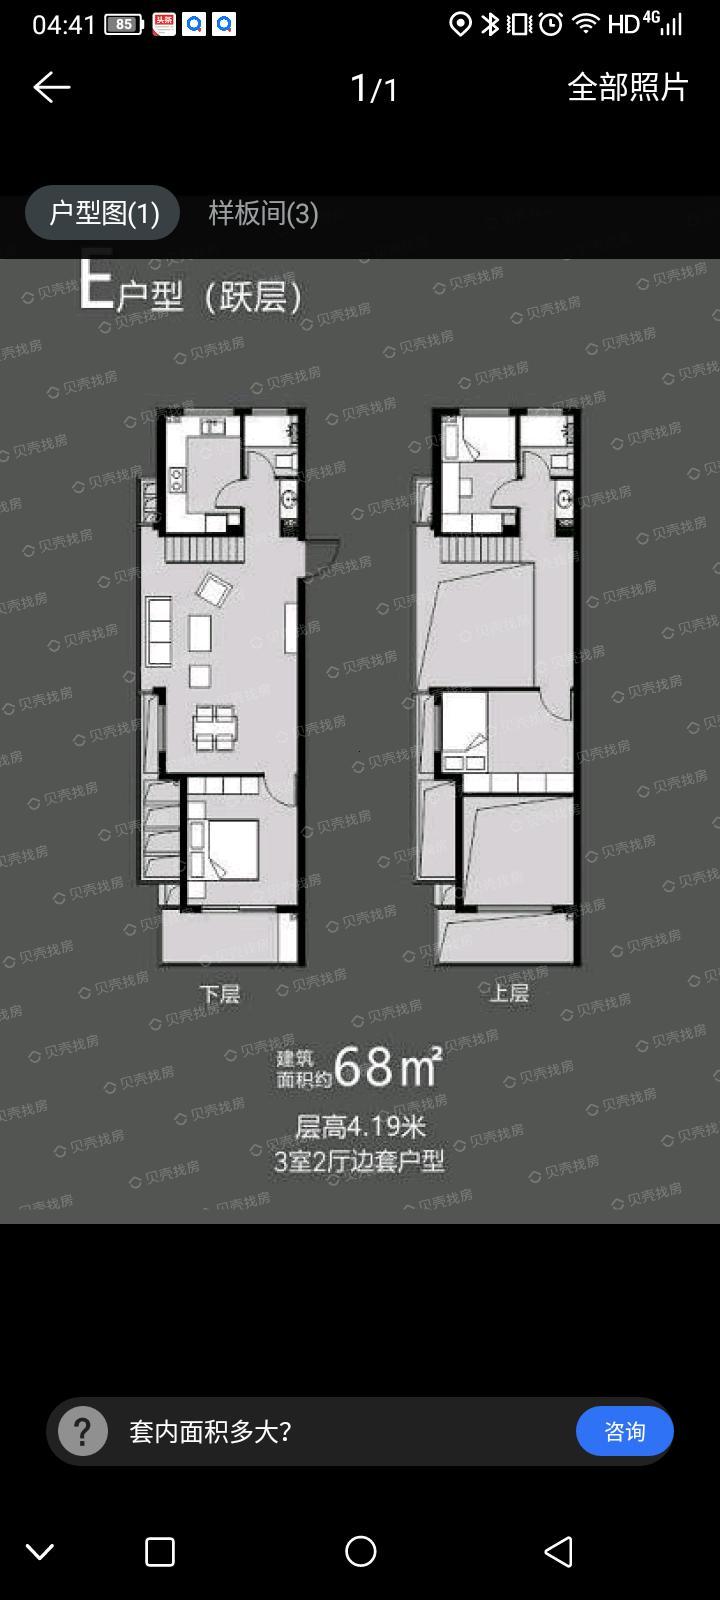 层高4.19 身高1.83能做到上层不碰头,下层不压抑吗,有人给设计下没